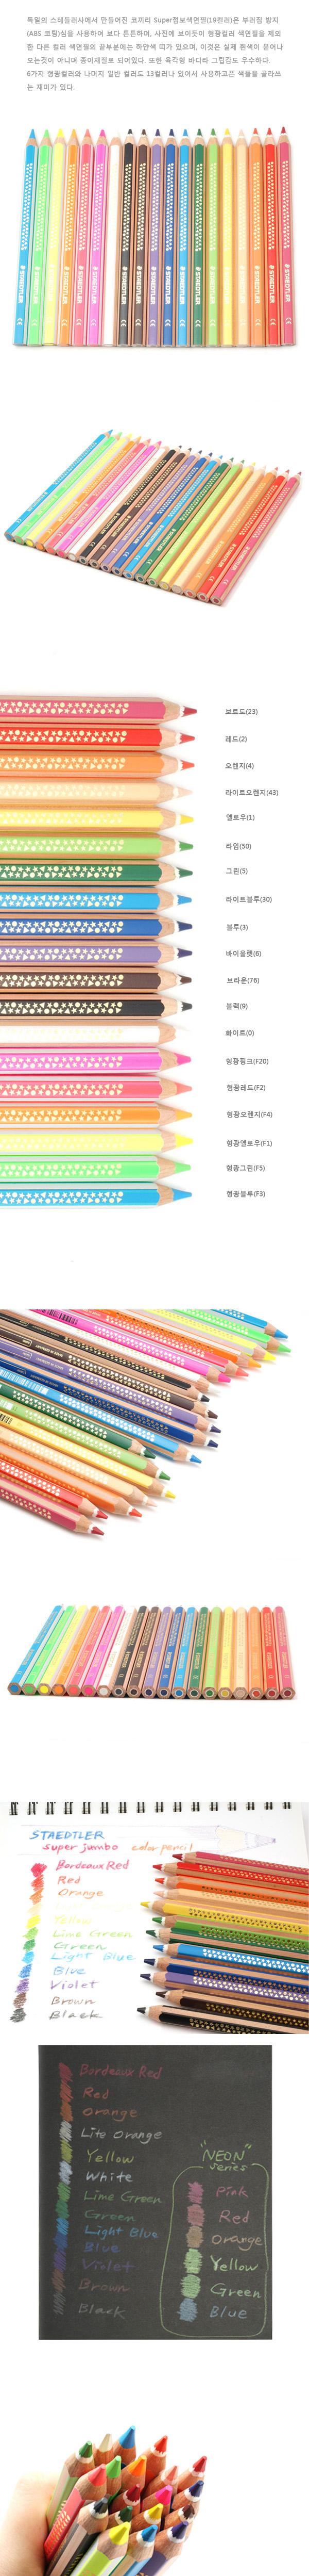 스테들러 코끼리 Super점보색연필(19컬러) - 제이펜즈, 1,900원, 색연필/사인펜/크레파스, 색연필